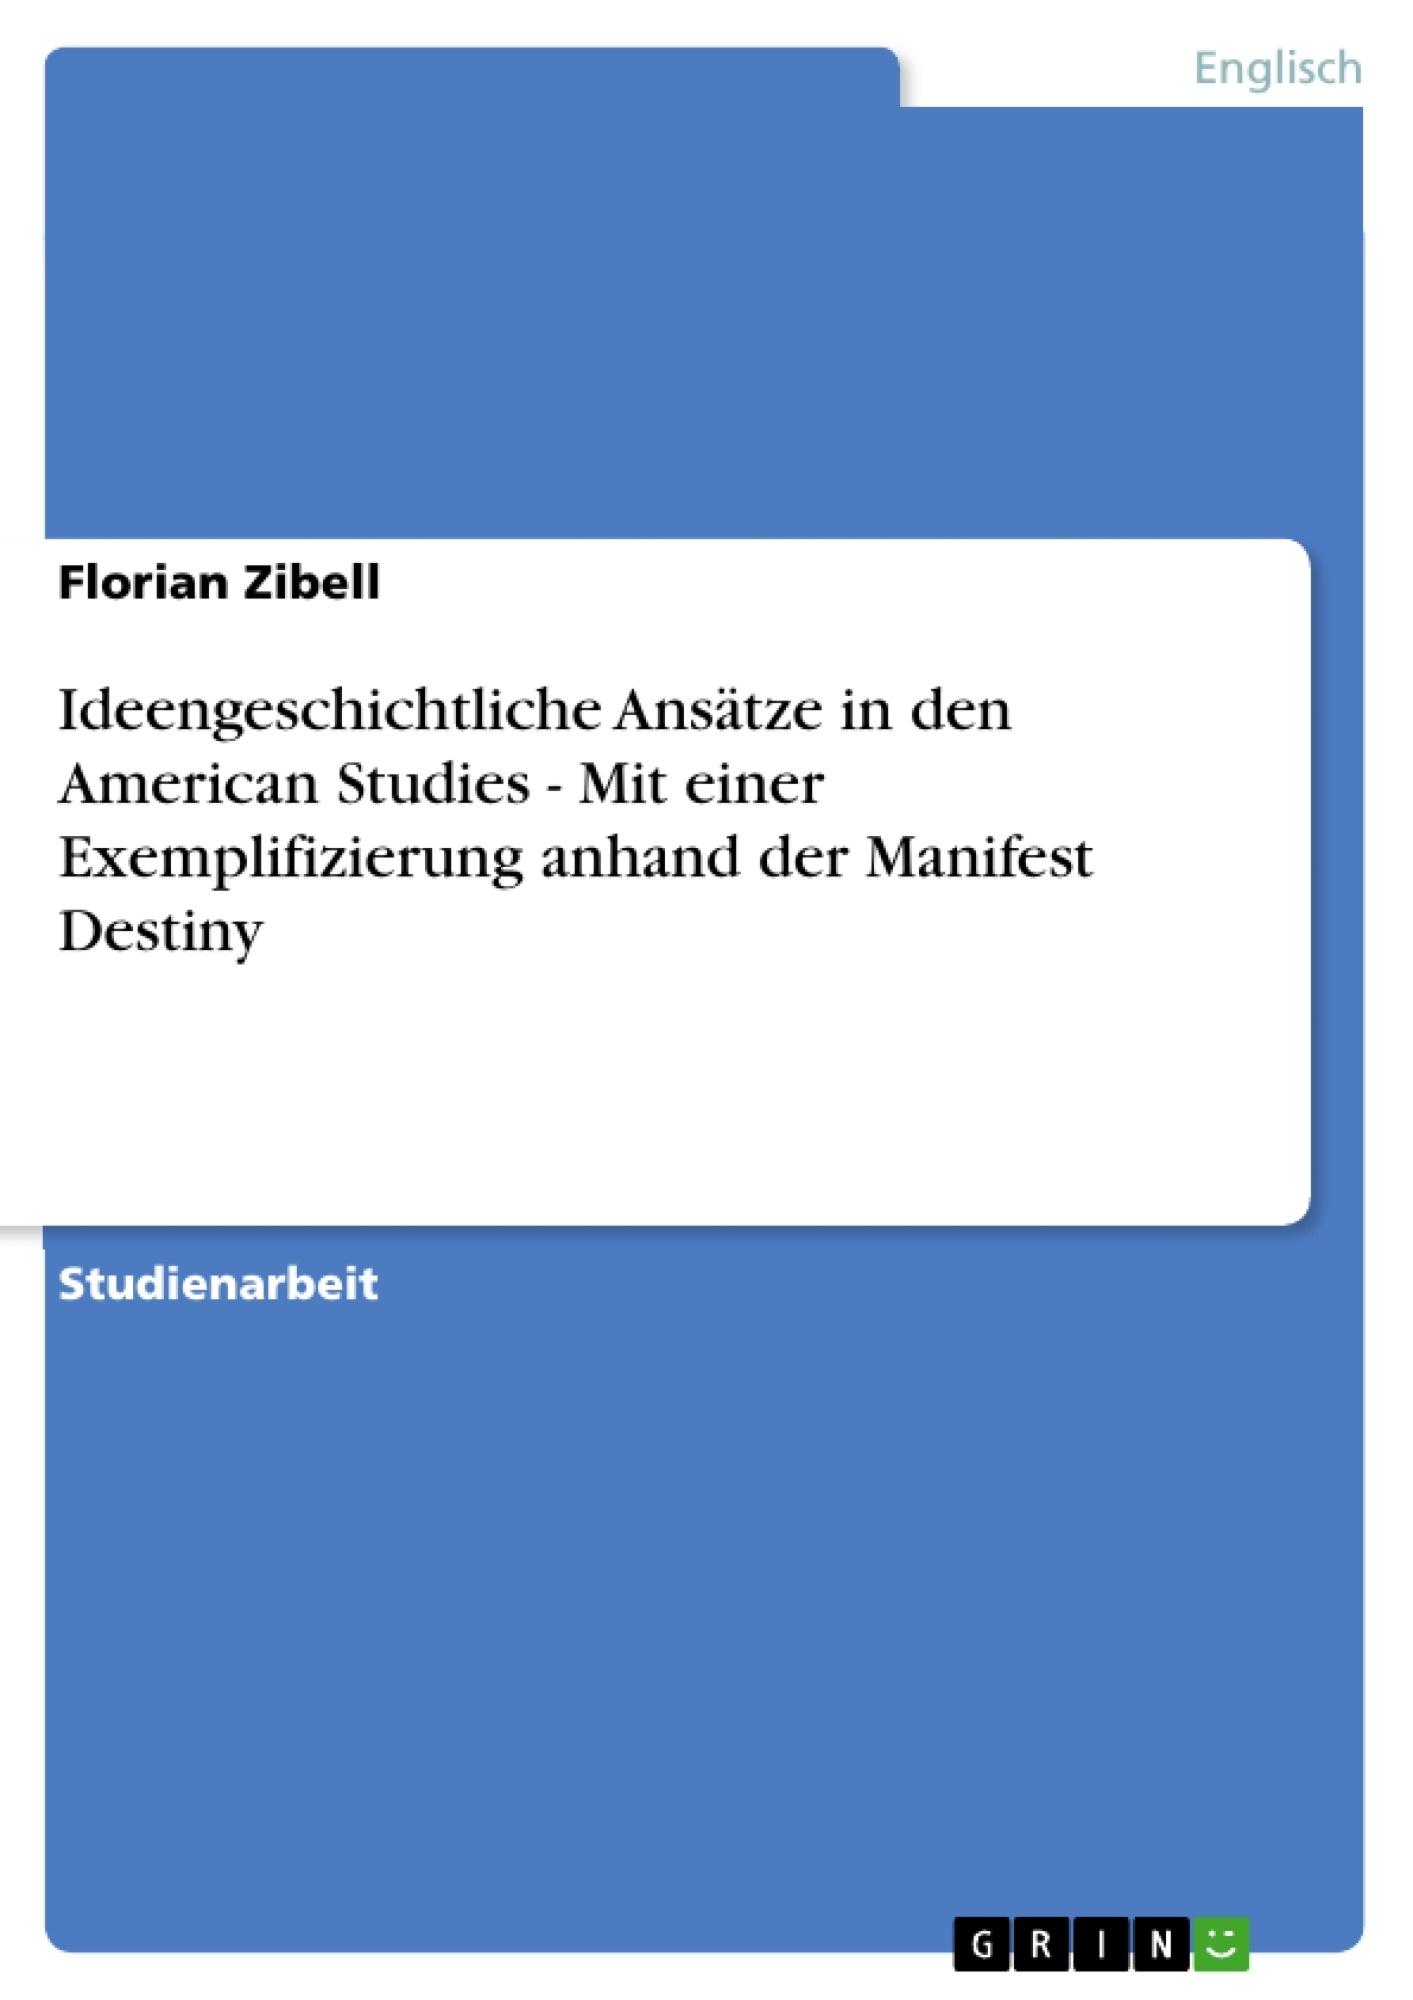 Titel: Ideengeschichtliche Ansätze in den American Studies - Mit einer Exemplifizierung anhand der Manifest Destiny